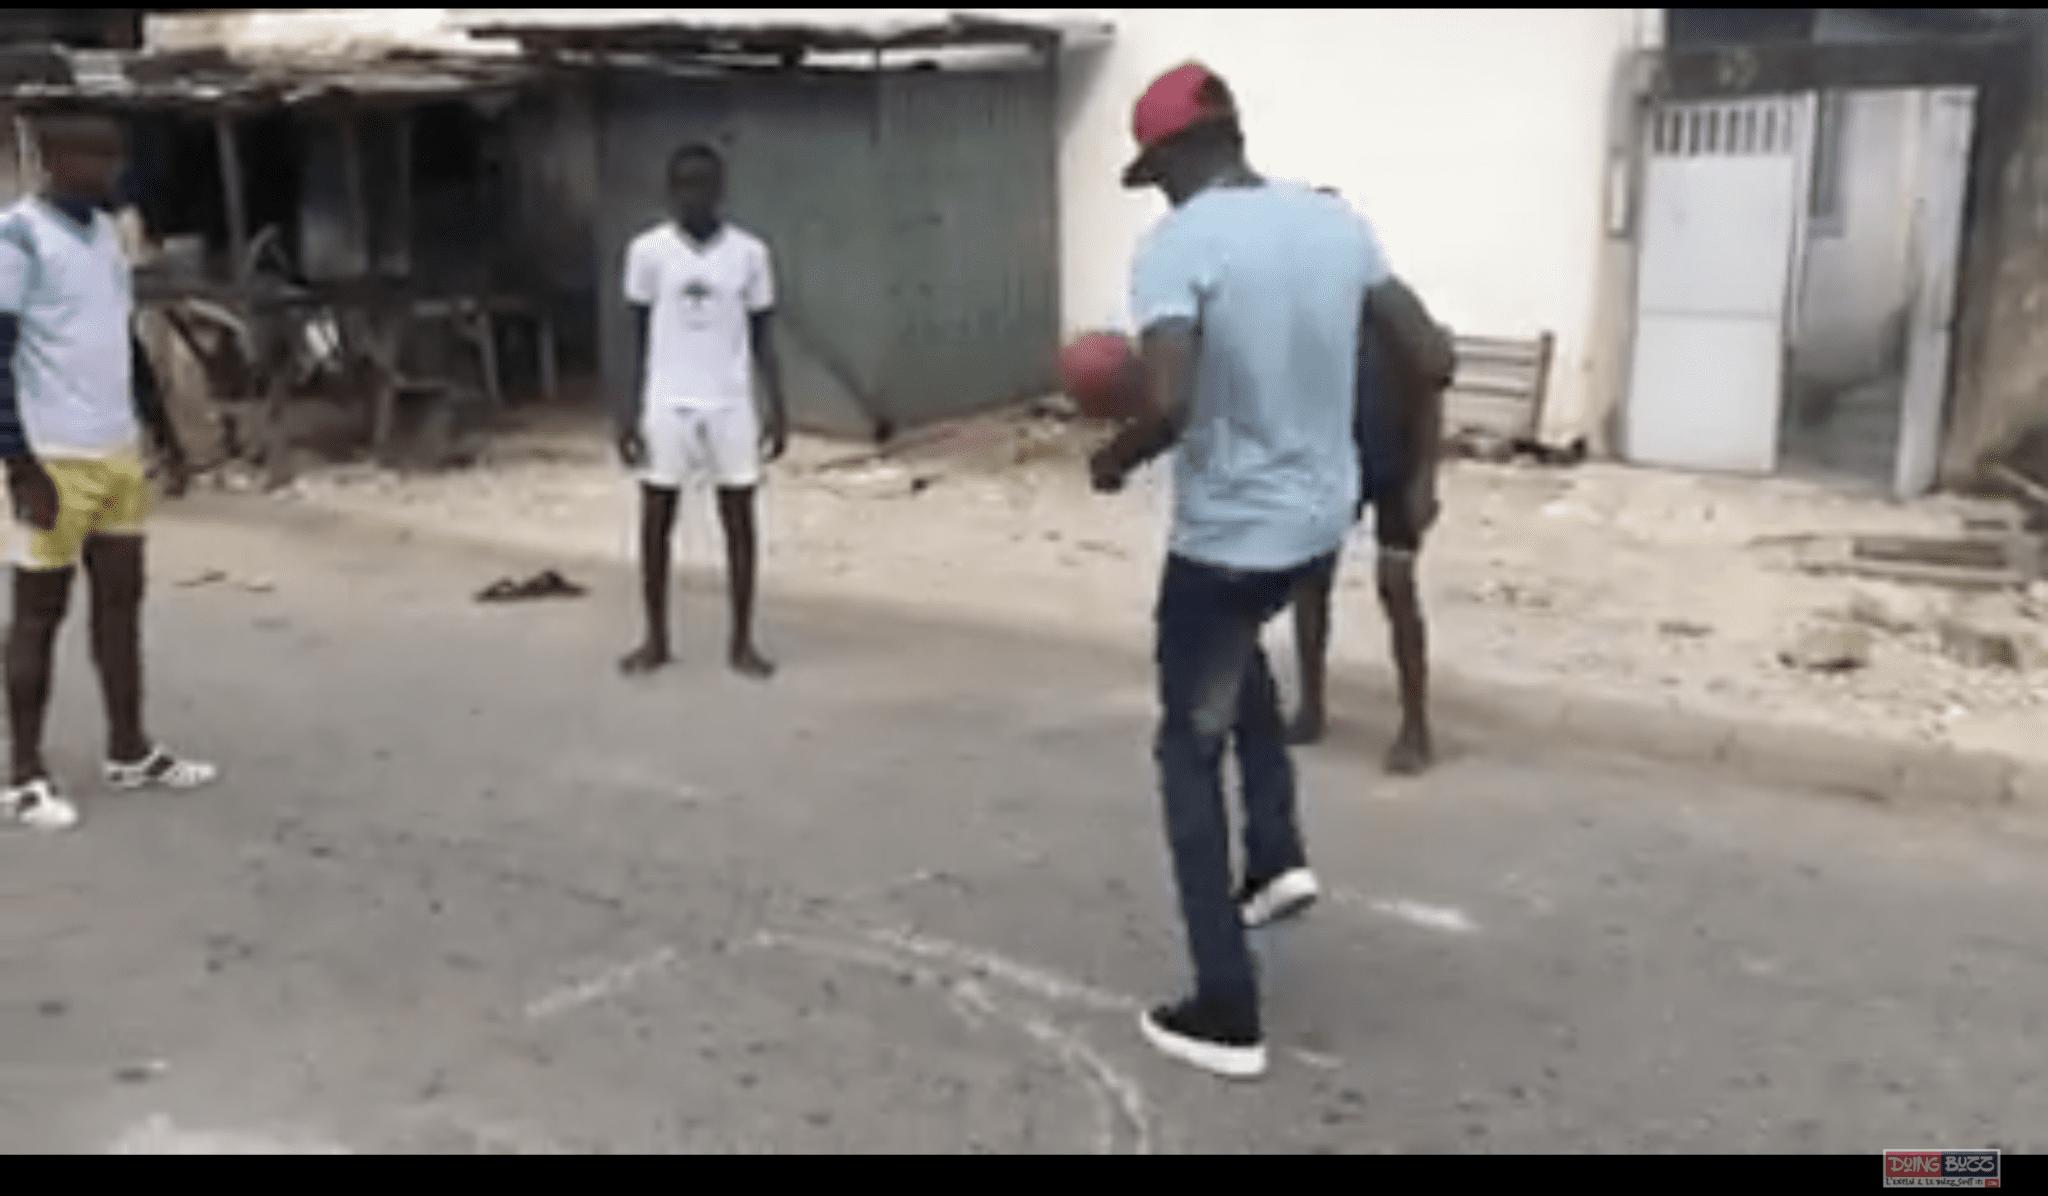 Quand Debordo Leekunfa expose ses talents de footballeur (Vidéo)